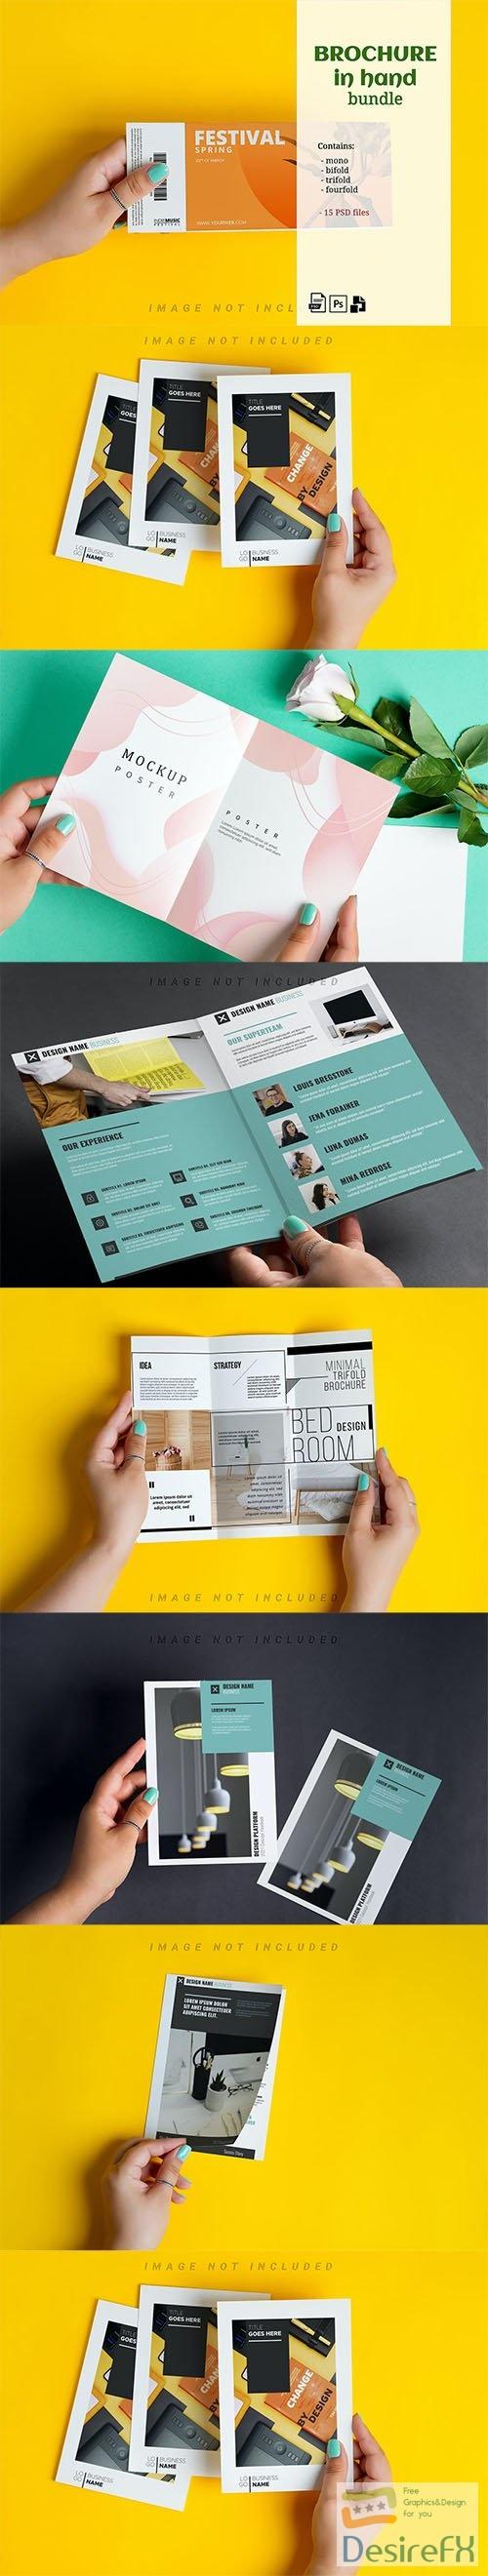 Brochure Mockup in Hand Kit PSD